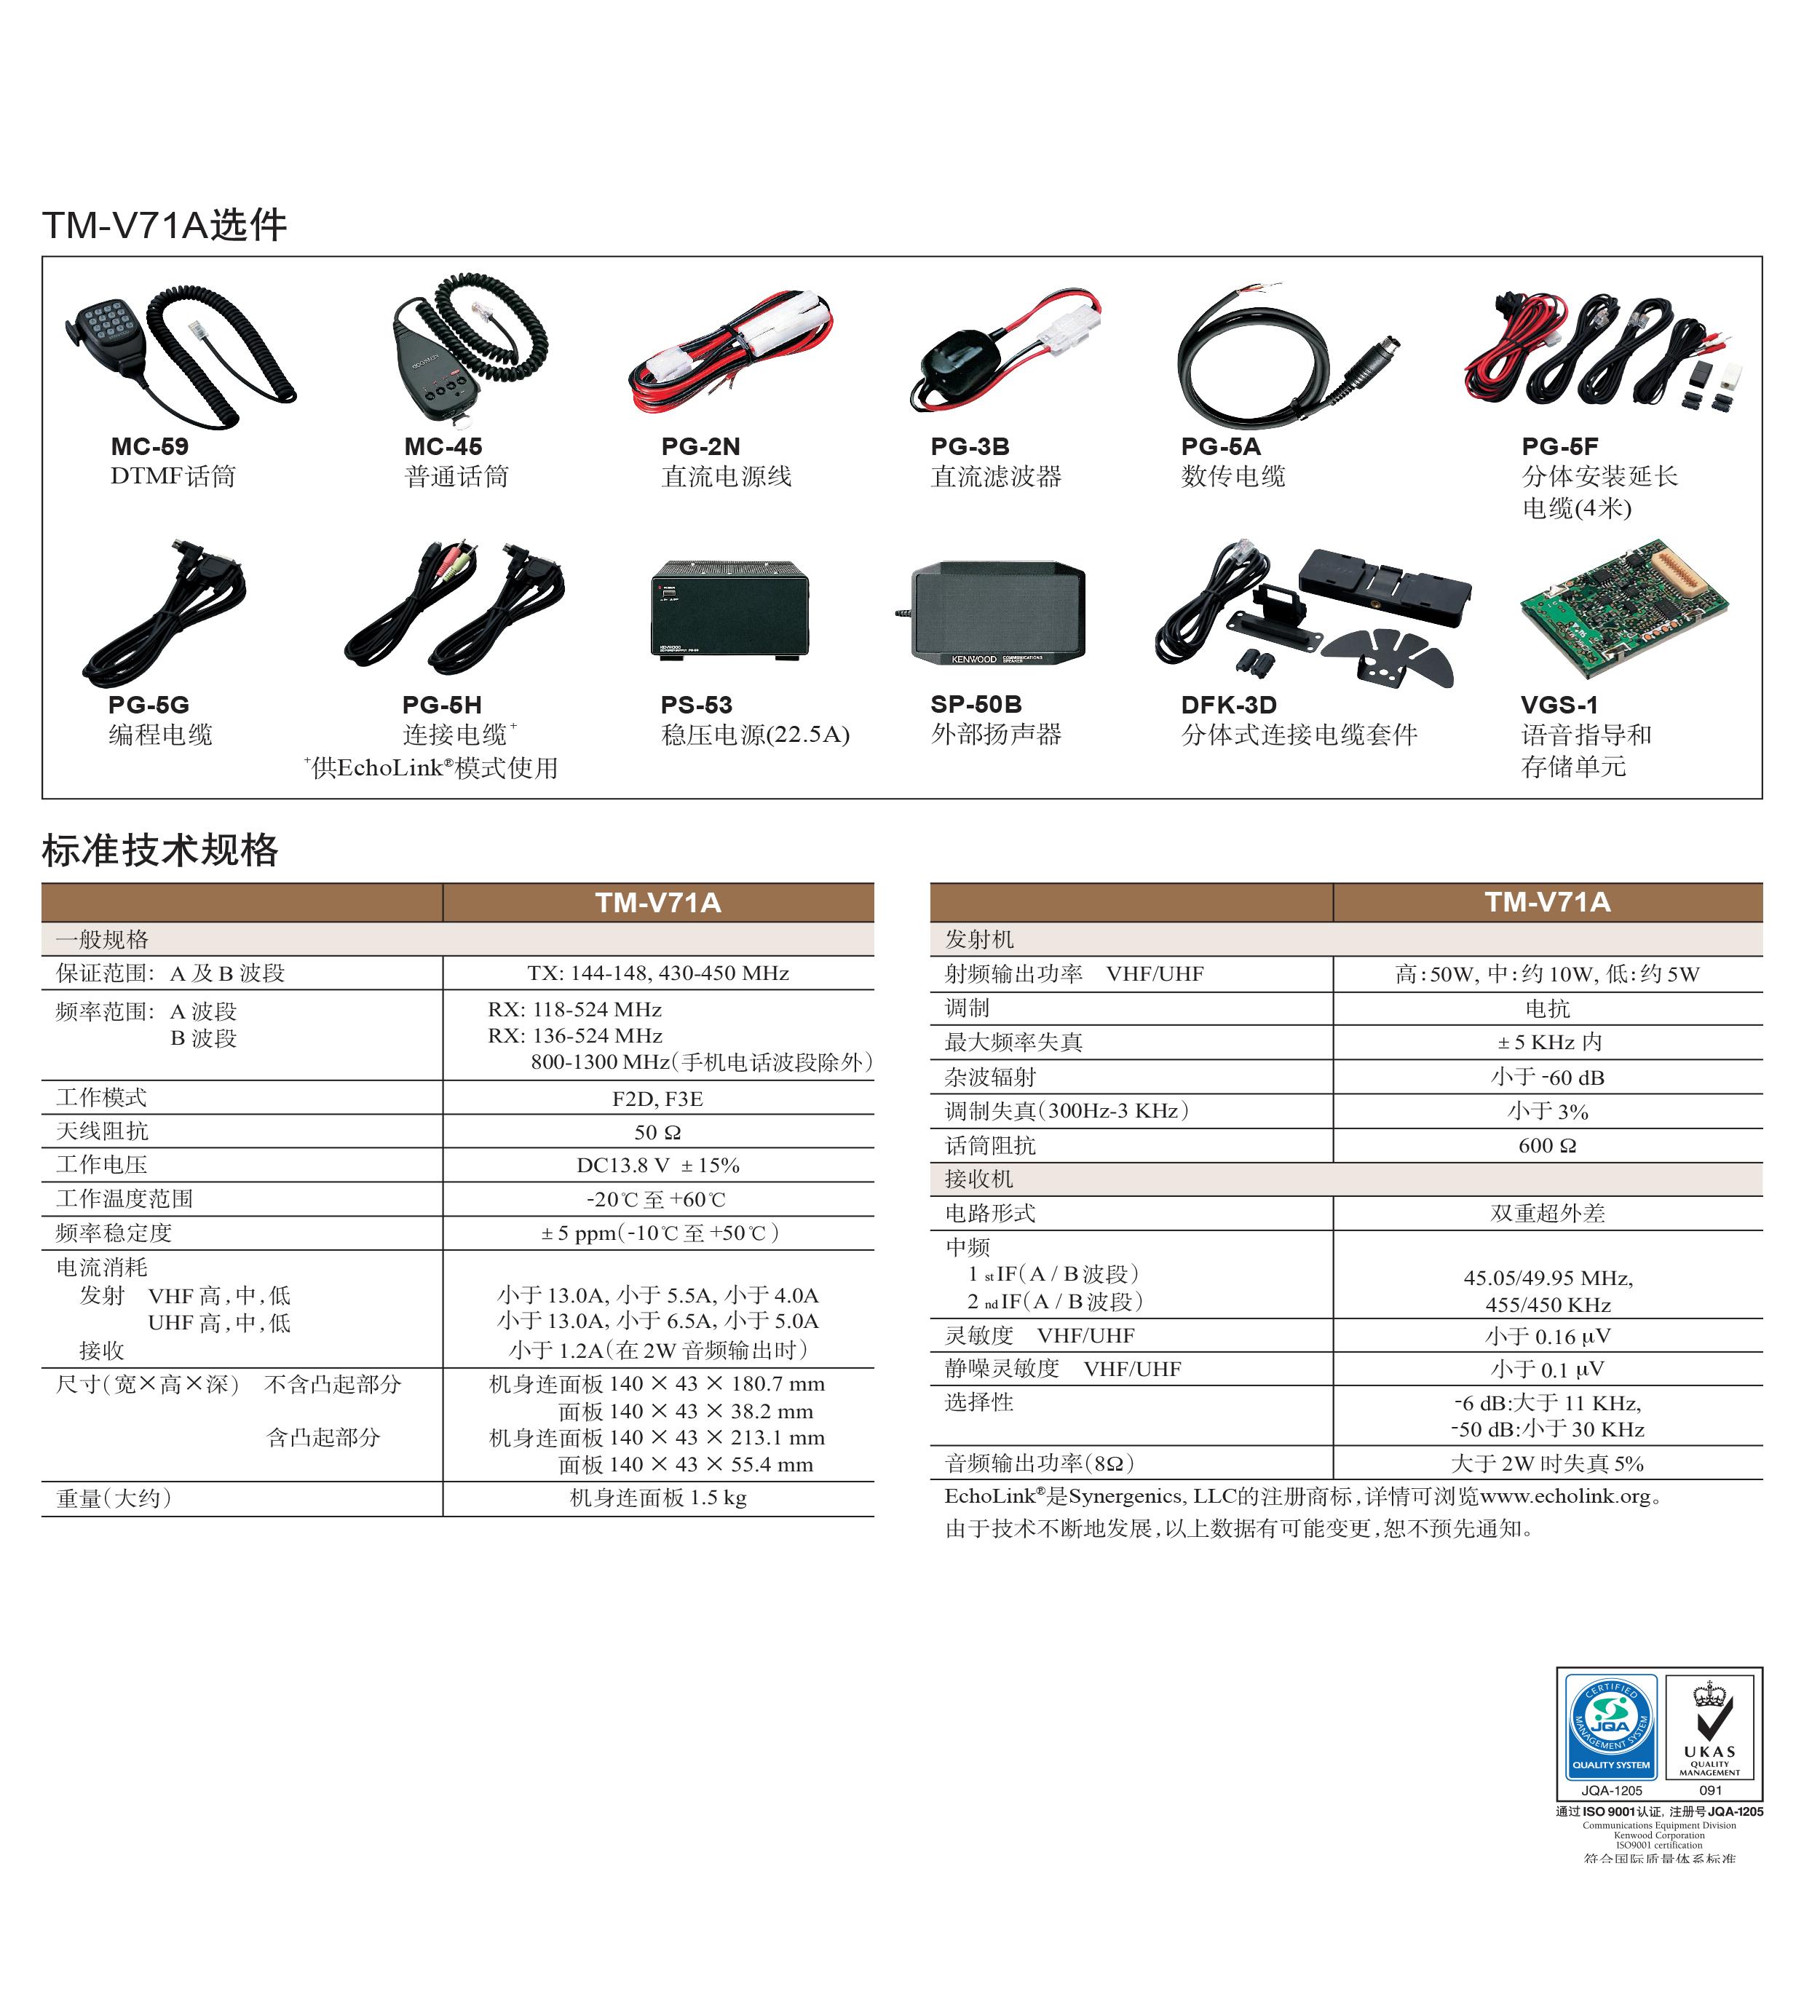 TM-V71A_CHS模拟车载台彩页_02